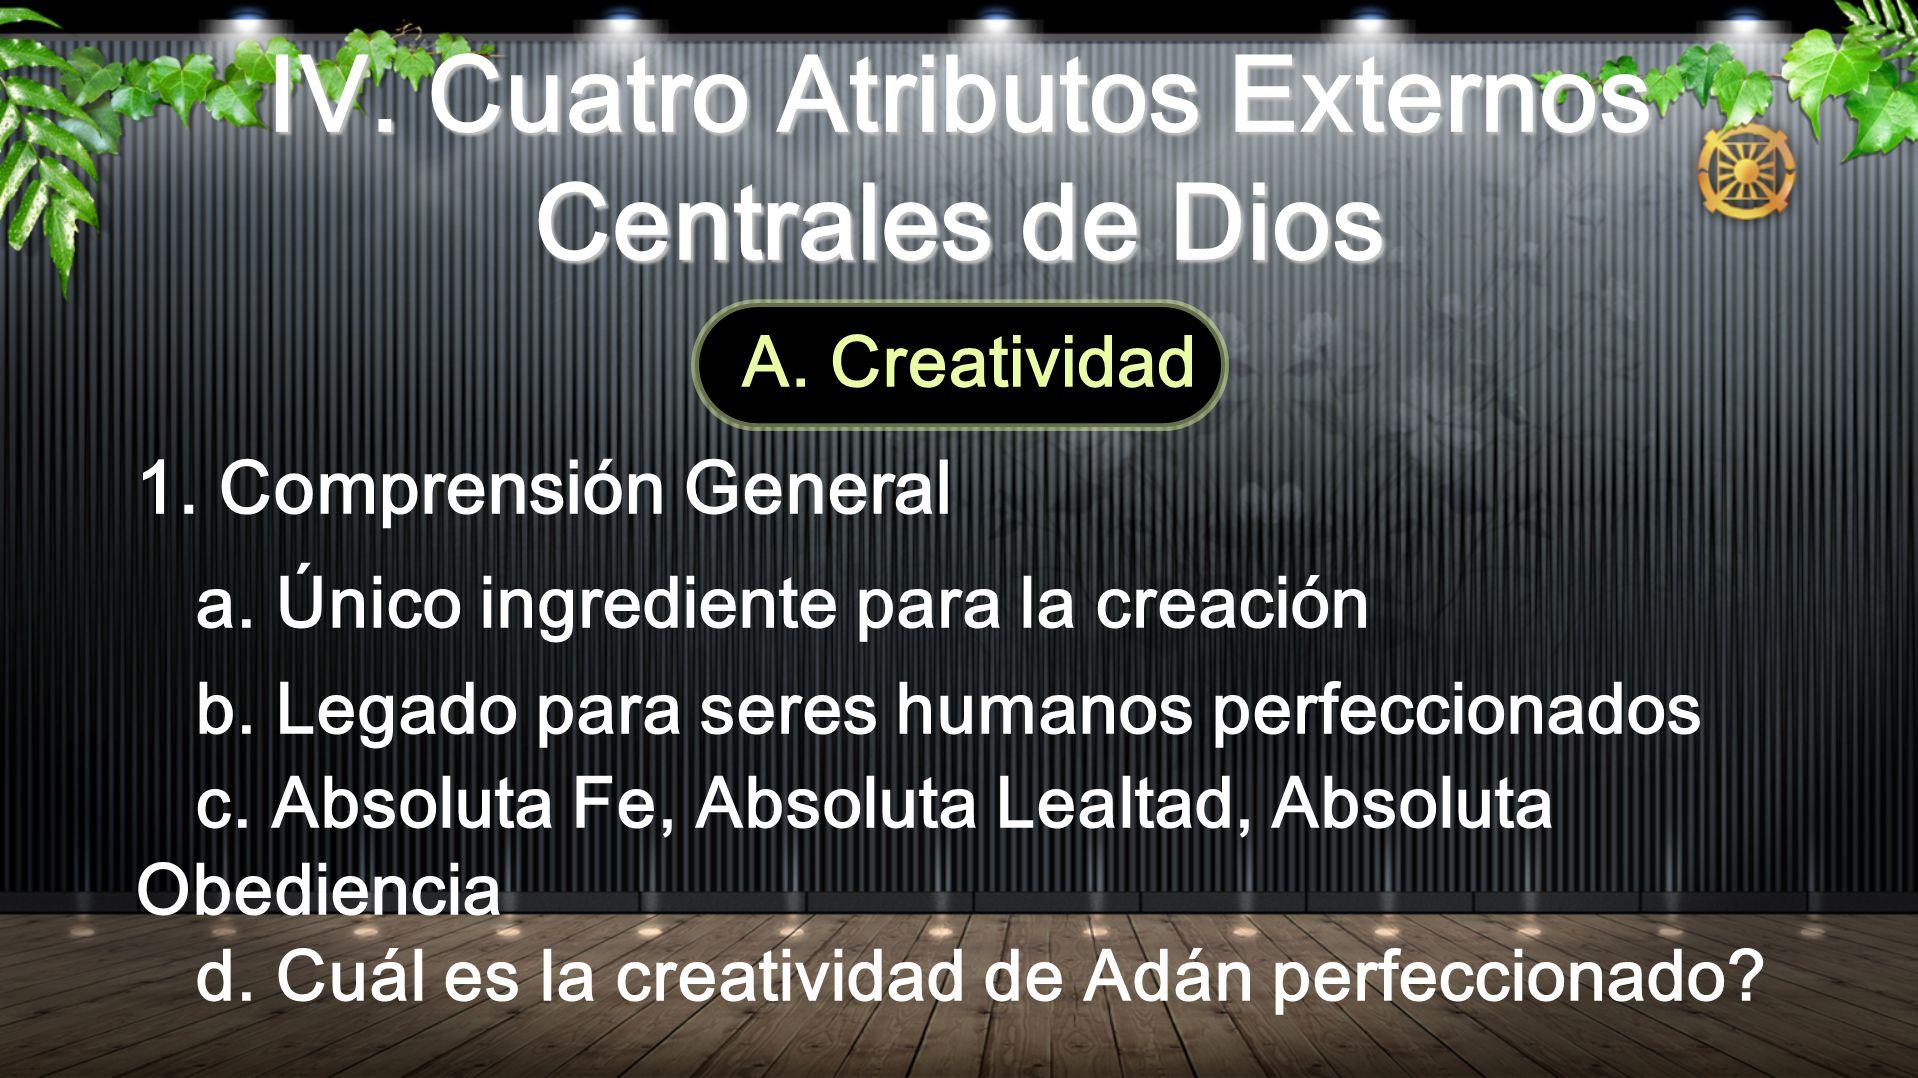 IV. Cuatro Atributos Externos Centrales de Dios A. Creatividad 1. Comprensión General a. Único ingrediente para la creación b. Legado para seres human